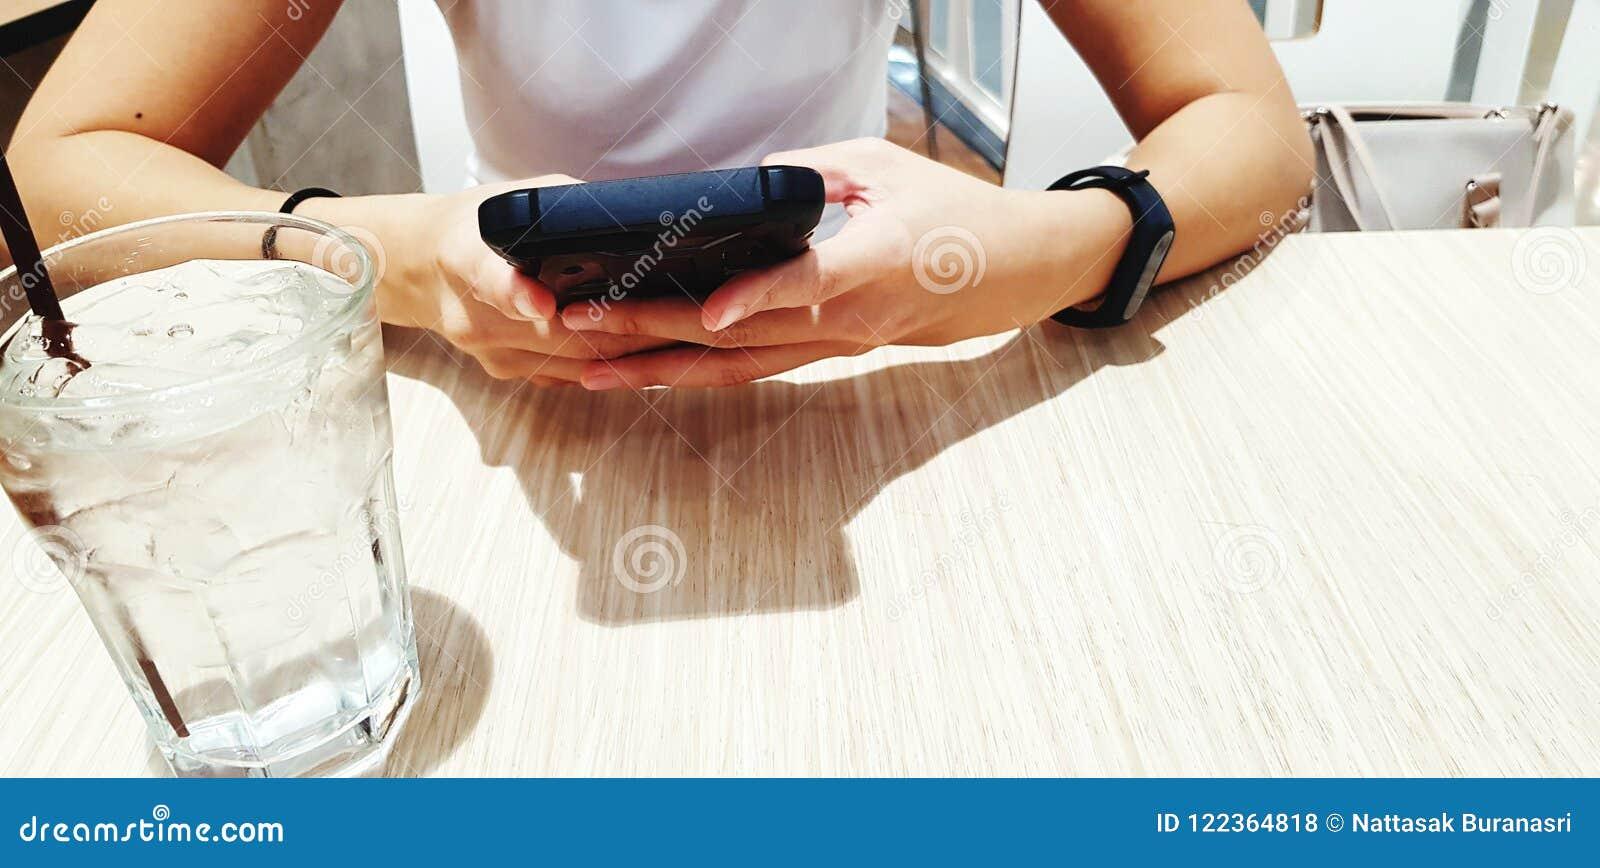 Chiuda sulla mano del ` s della donna facendo uso dello Smart Phone nero con vetro di acqua fredda sulla tavola di legno durante